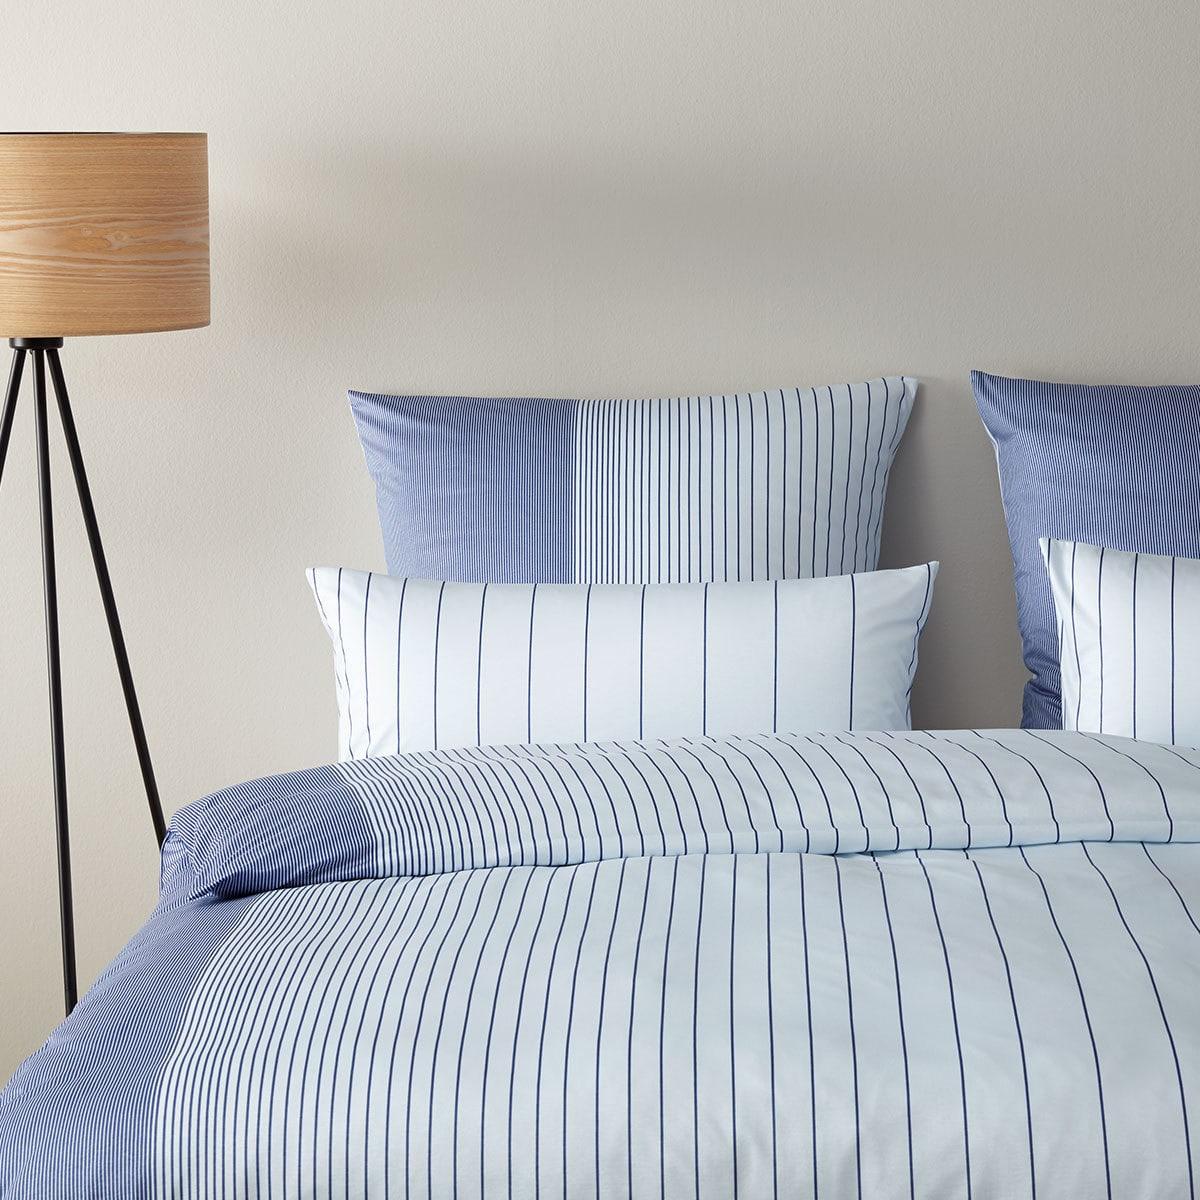 elegante jersey bettw sche verve rauchblau g nstig online kaufen bei bettwaren shop. Black Bedroom Furniture Sets. Home Design Ideas